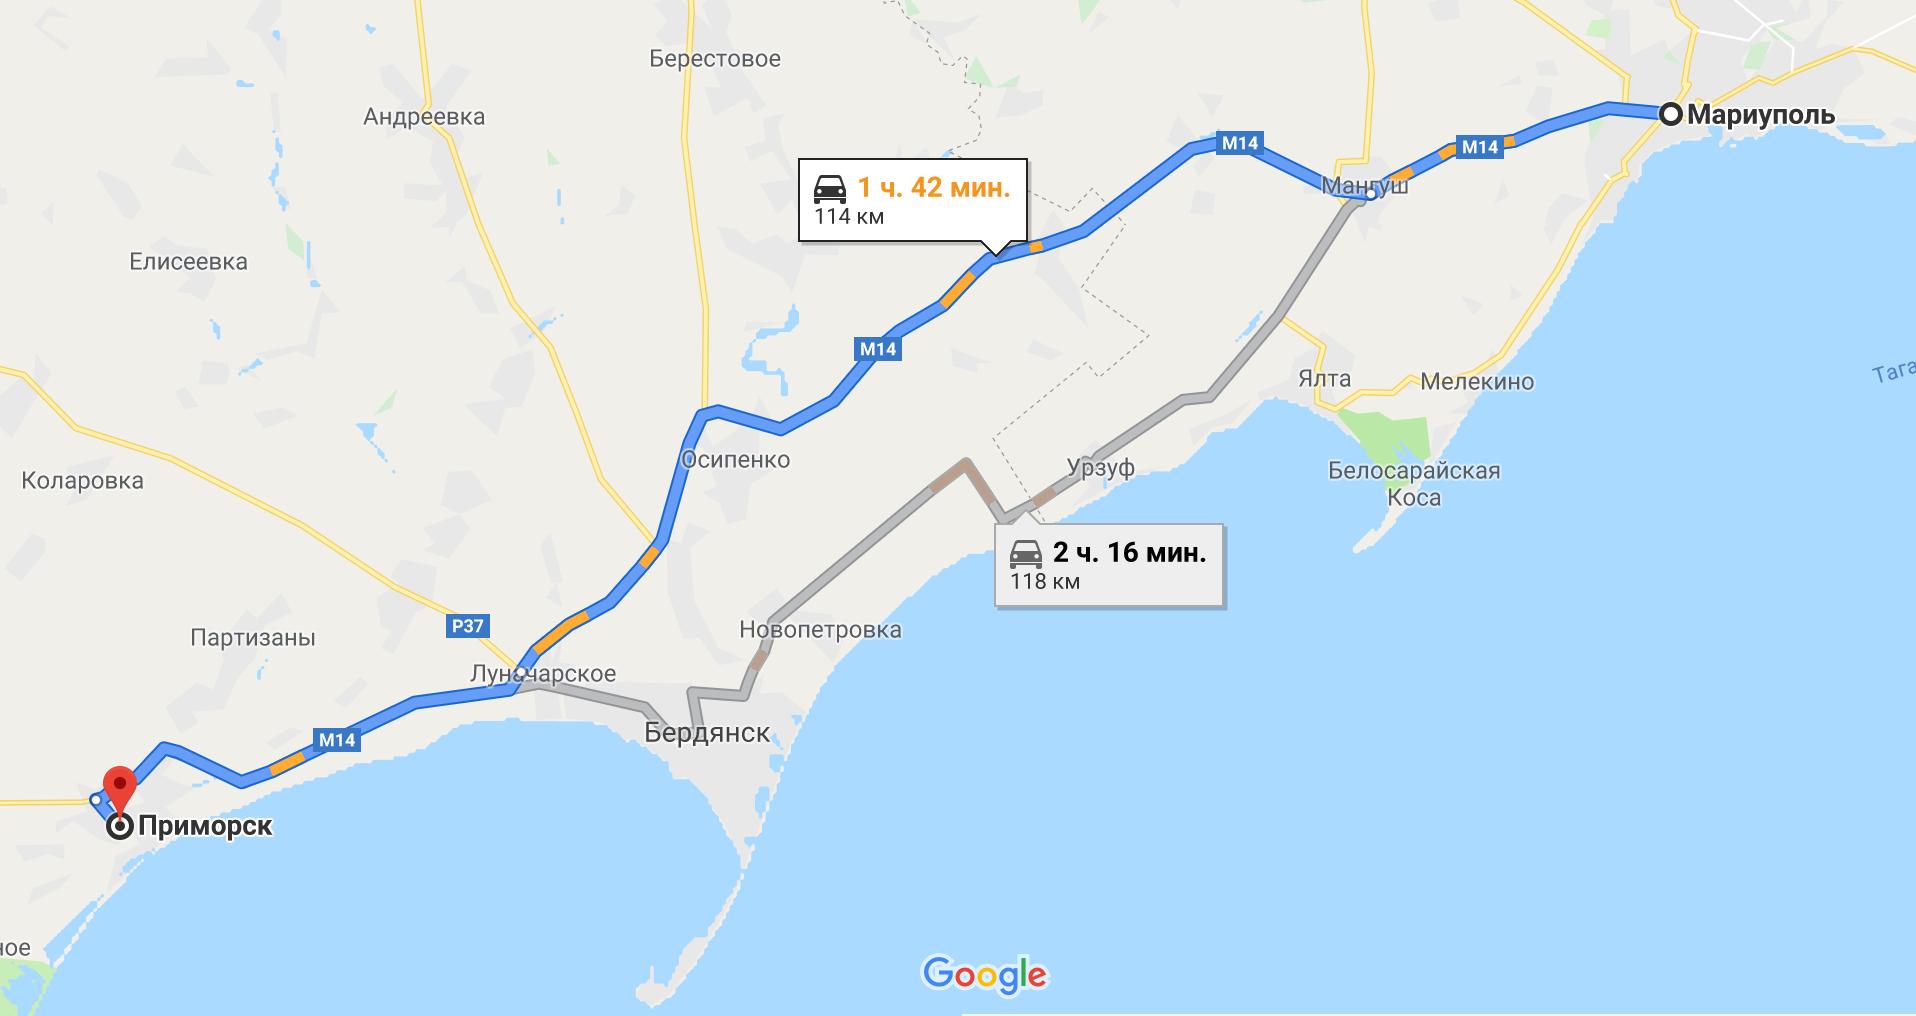 Как добраться до Приморска на авто из Мариуполя